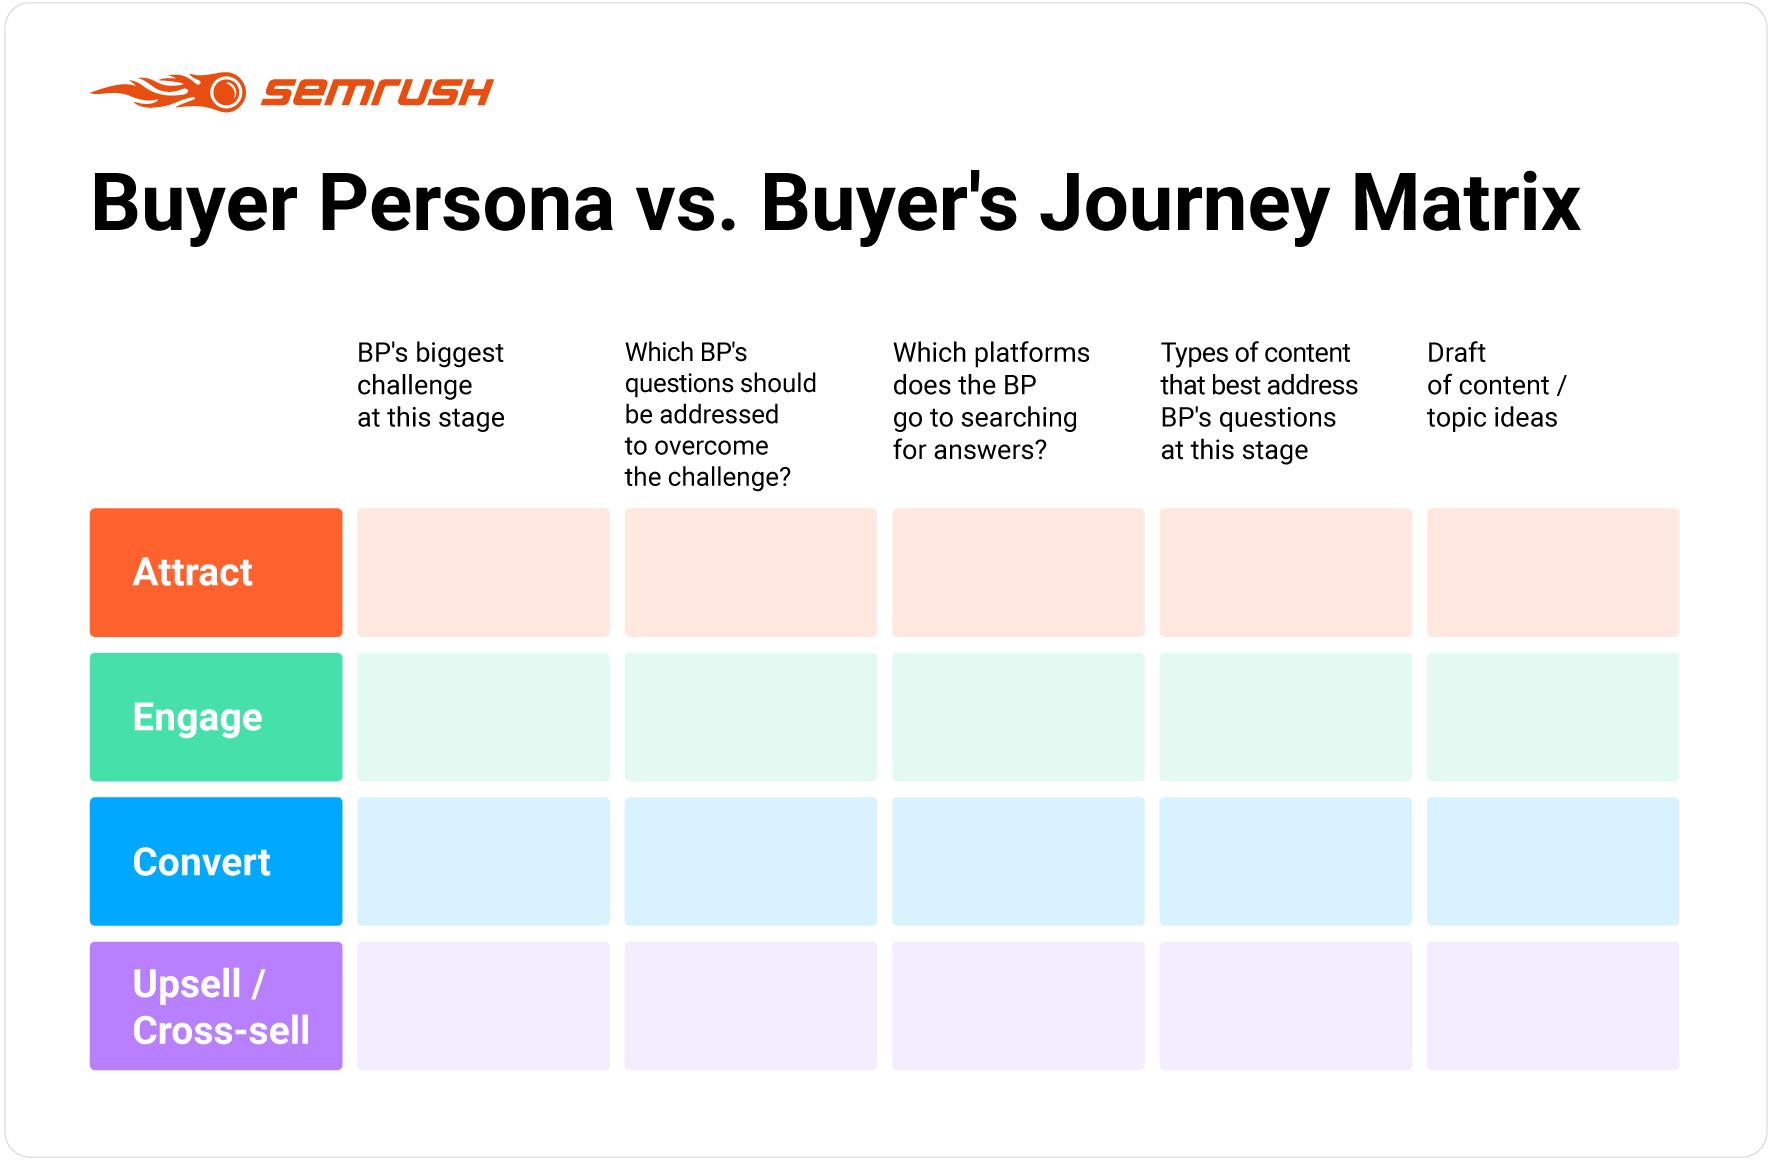 Buyer Persona vs. Buyer's Journey Matrix